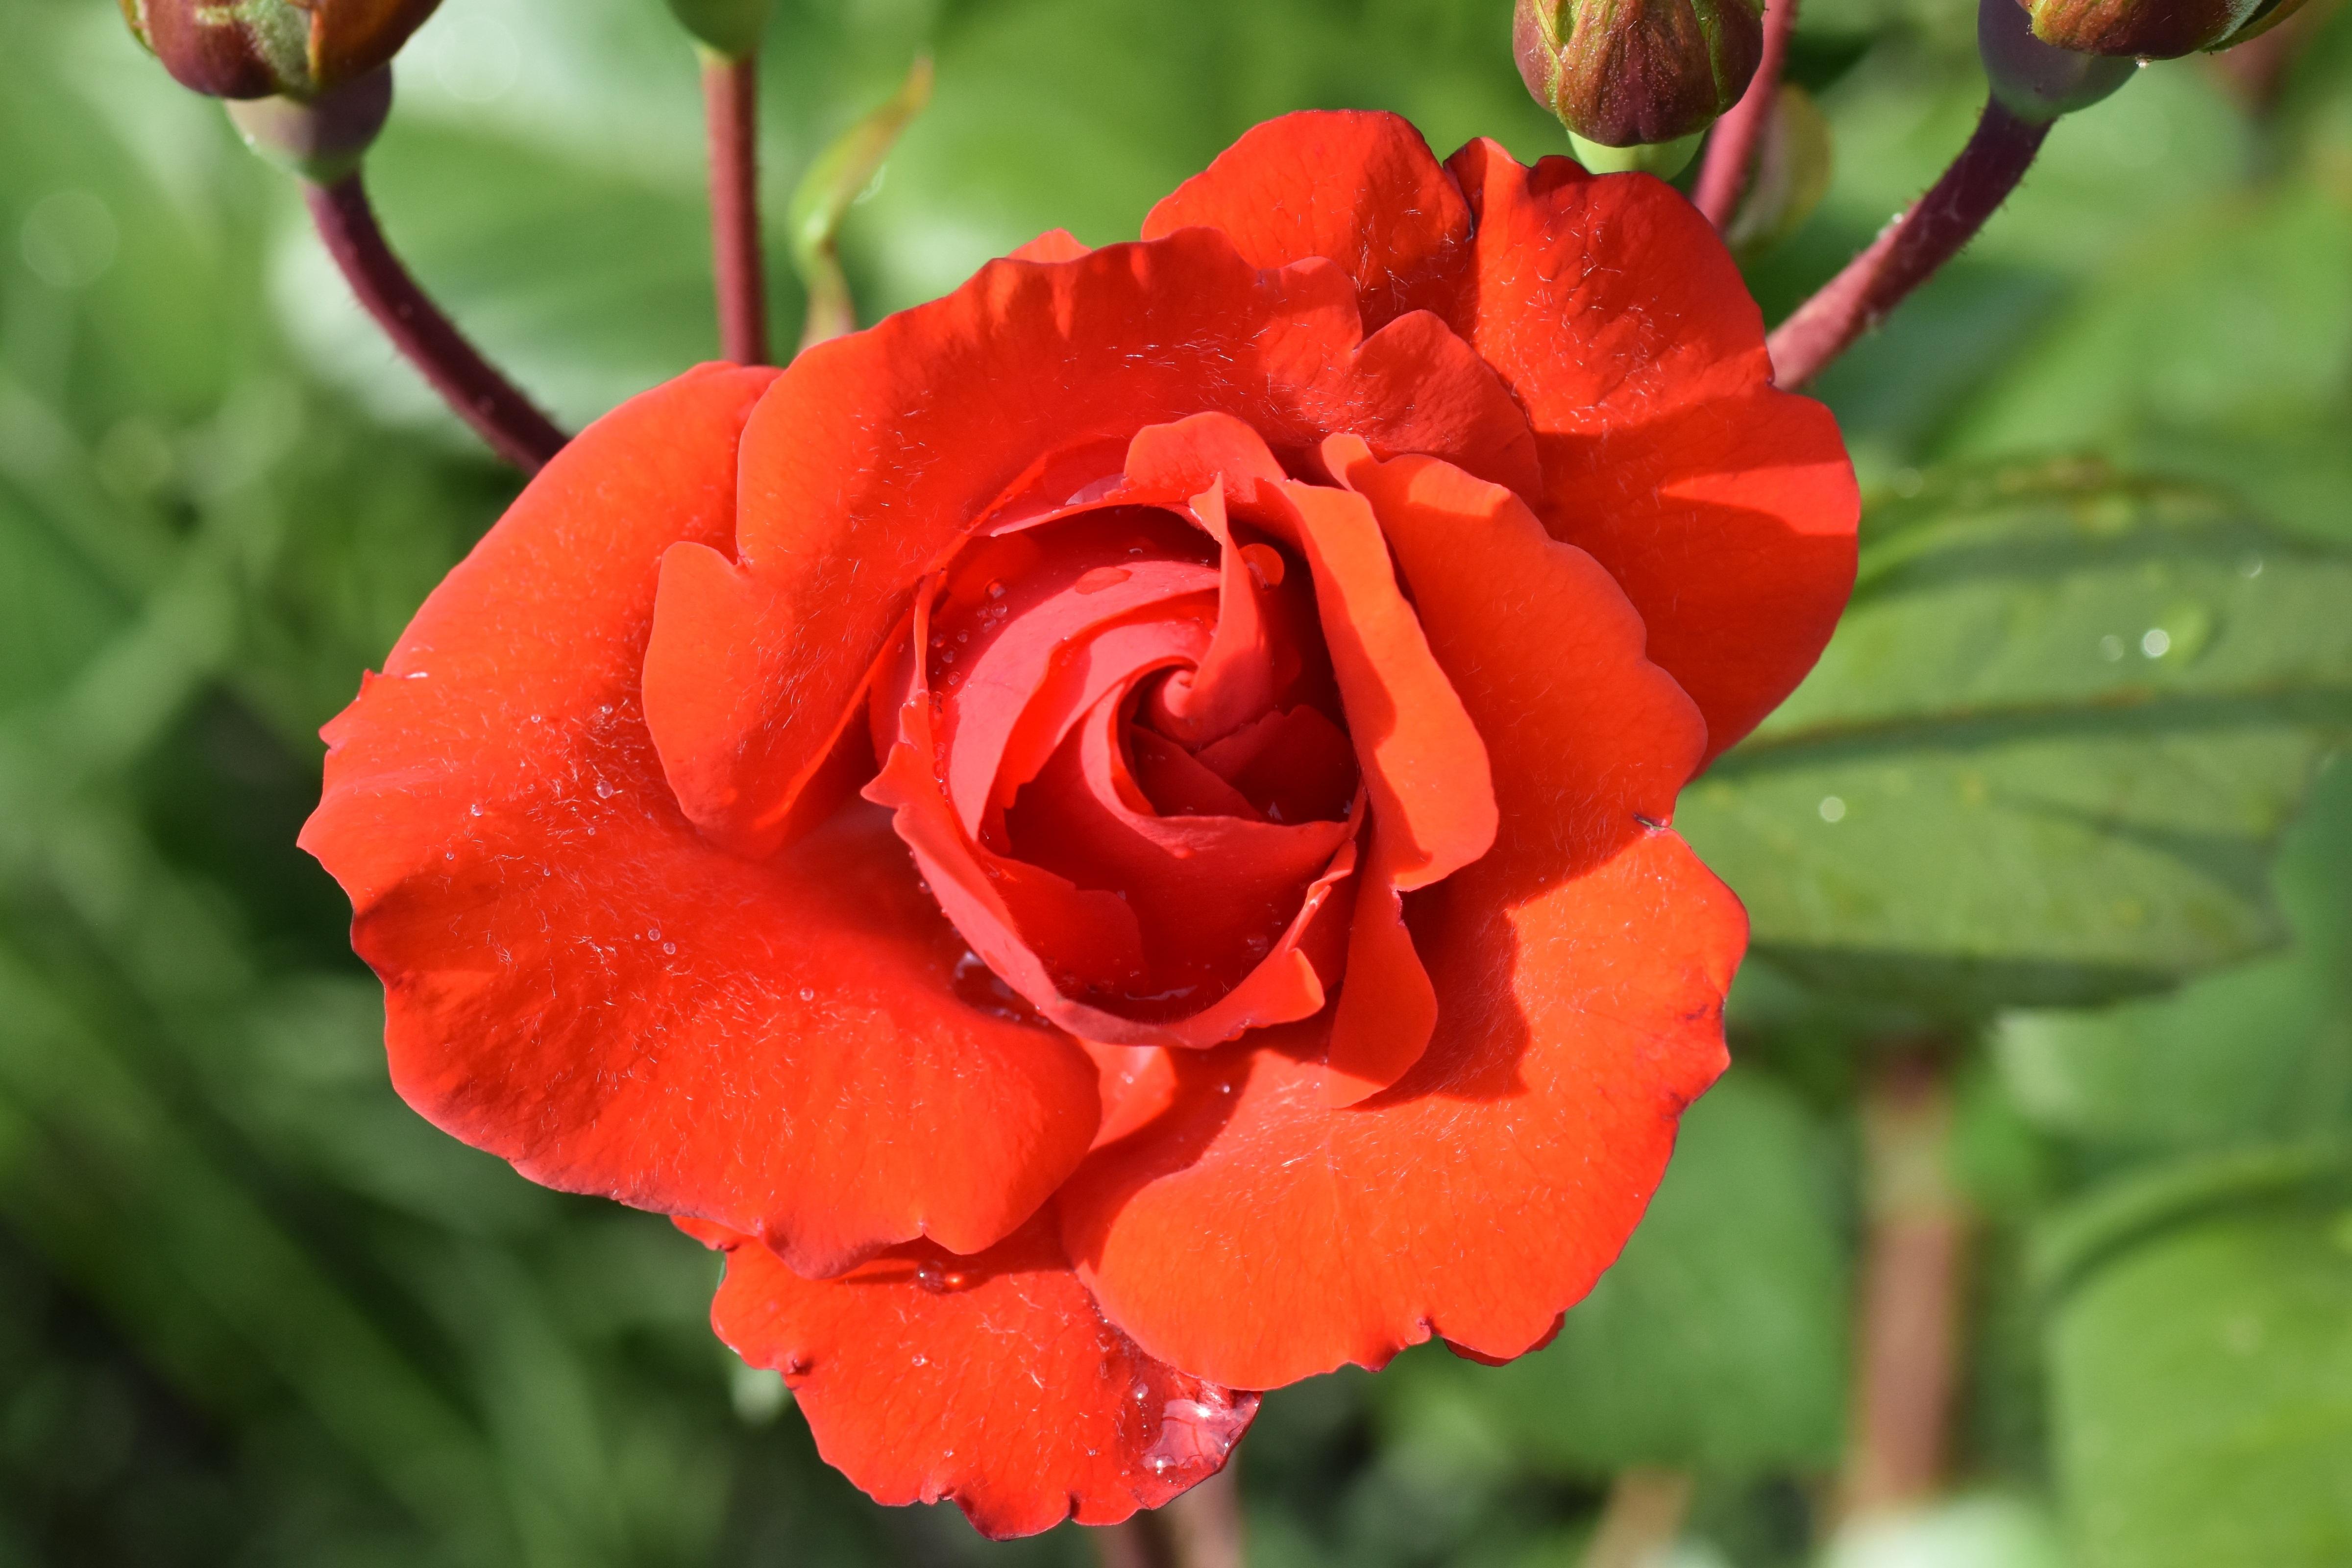 images gratuites : fleur, pétale, floraison, jardin, flore, rose